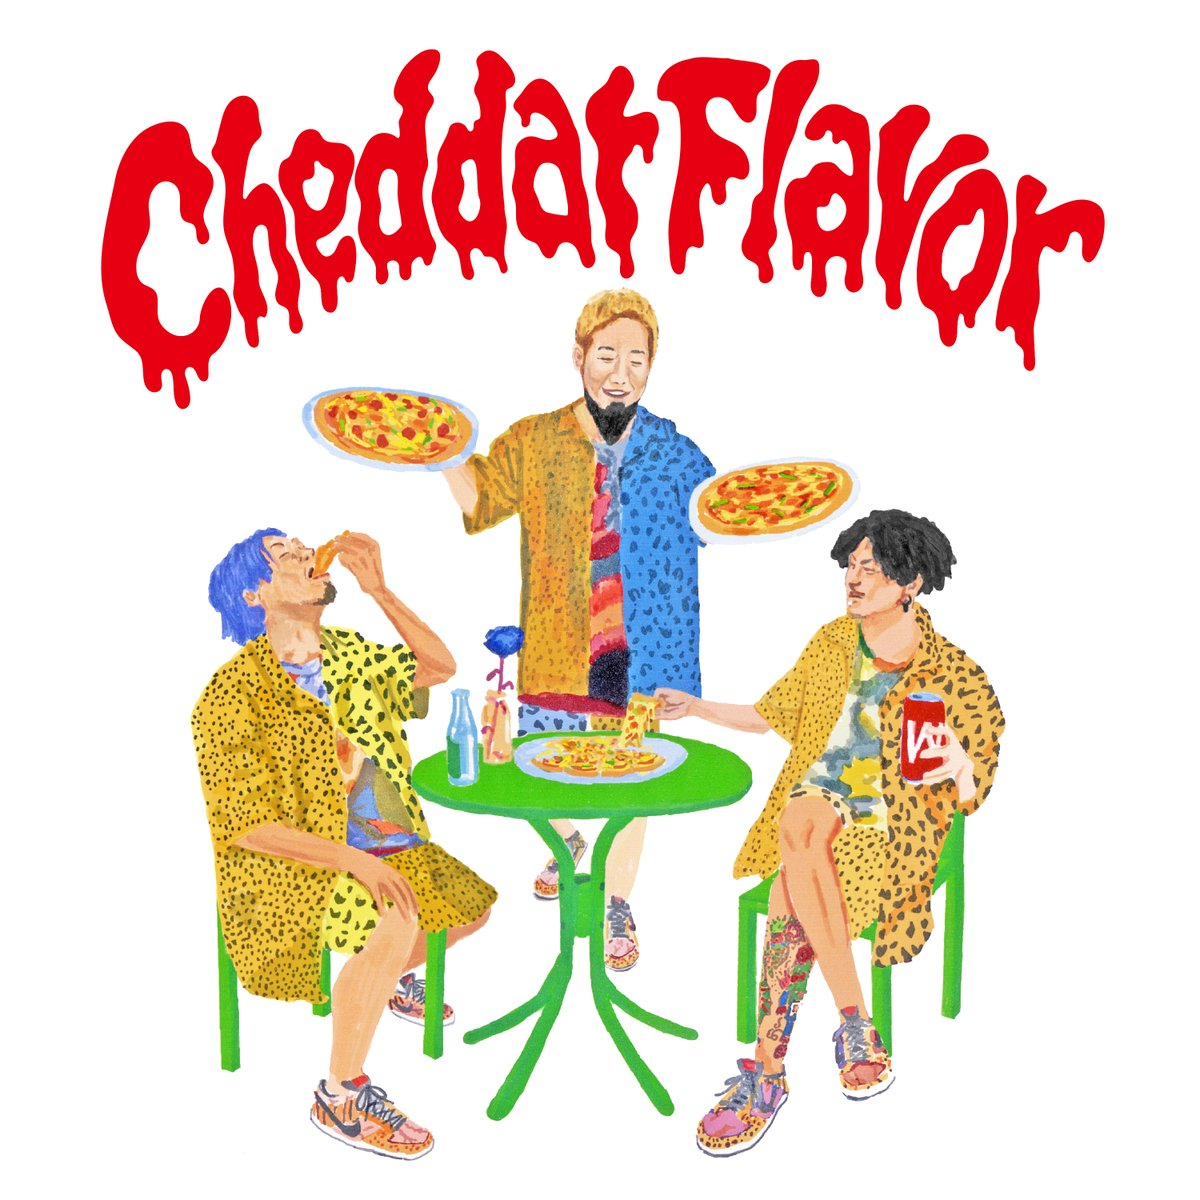 【本日発売!!】9月23日!!2nd mini Album「Cheddar Flavor」《特設サイト》《トレーラー》全国CDショップ&各通販サイトにて開催中!!#WANIMA #本日発売